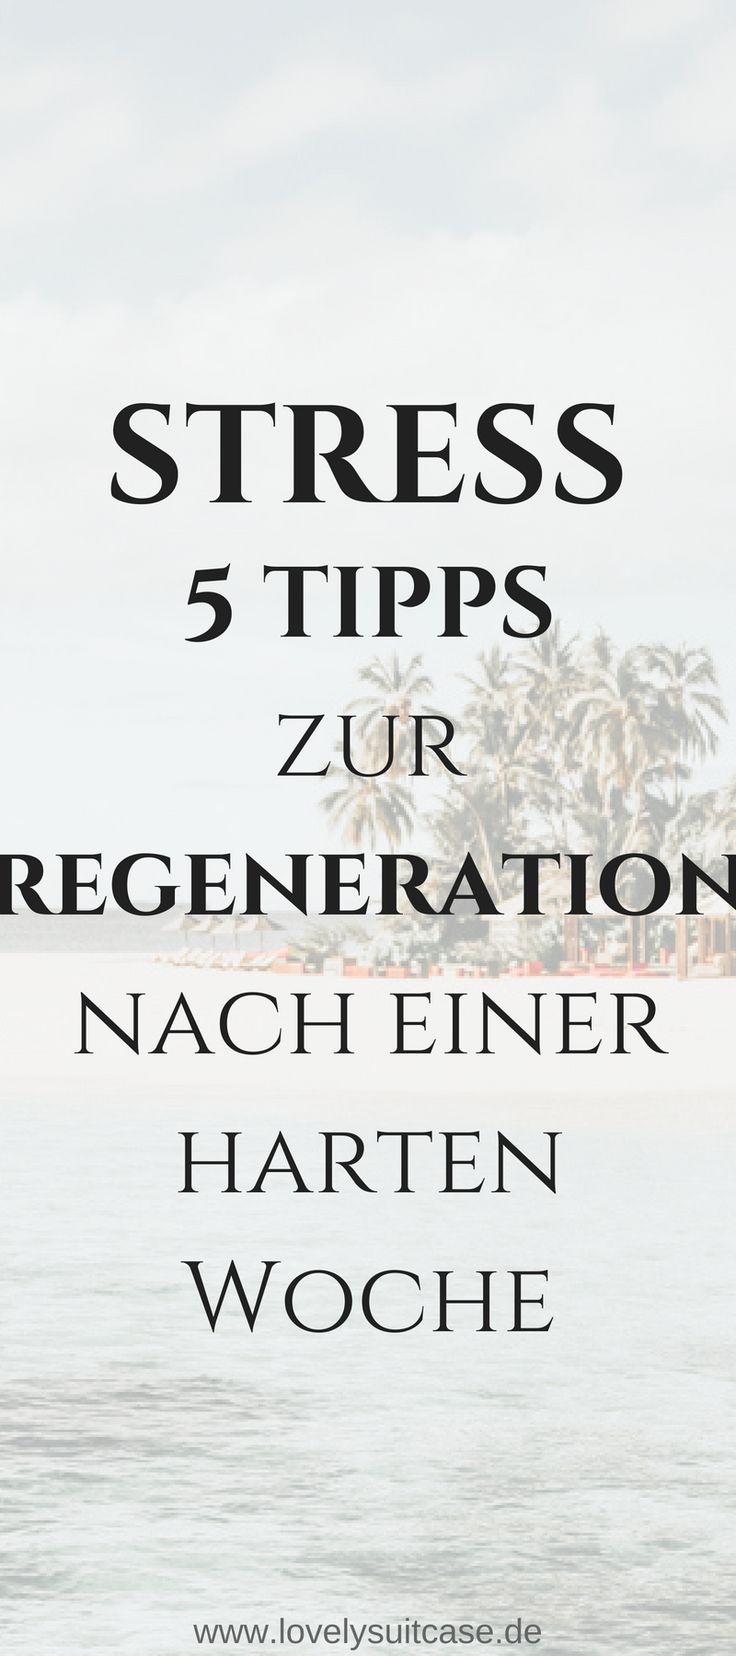 5 Tipps zum Regenerieren nach einer anstrengenden Woche